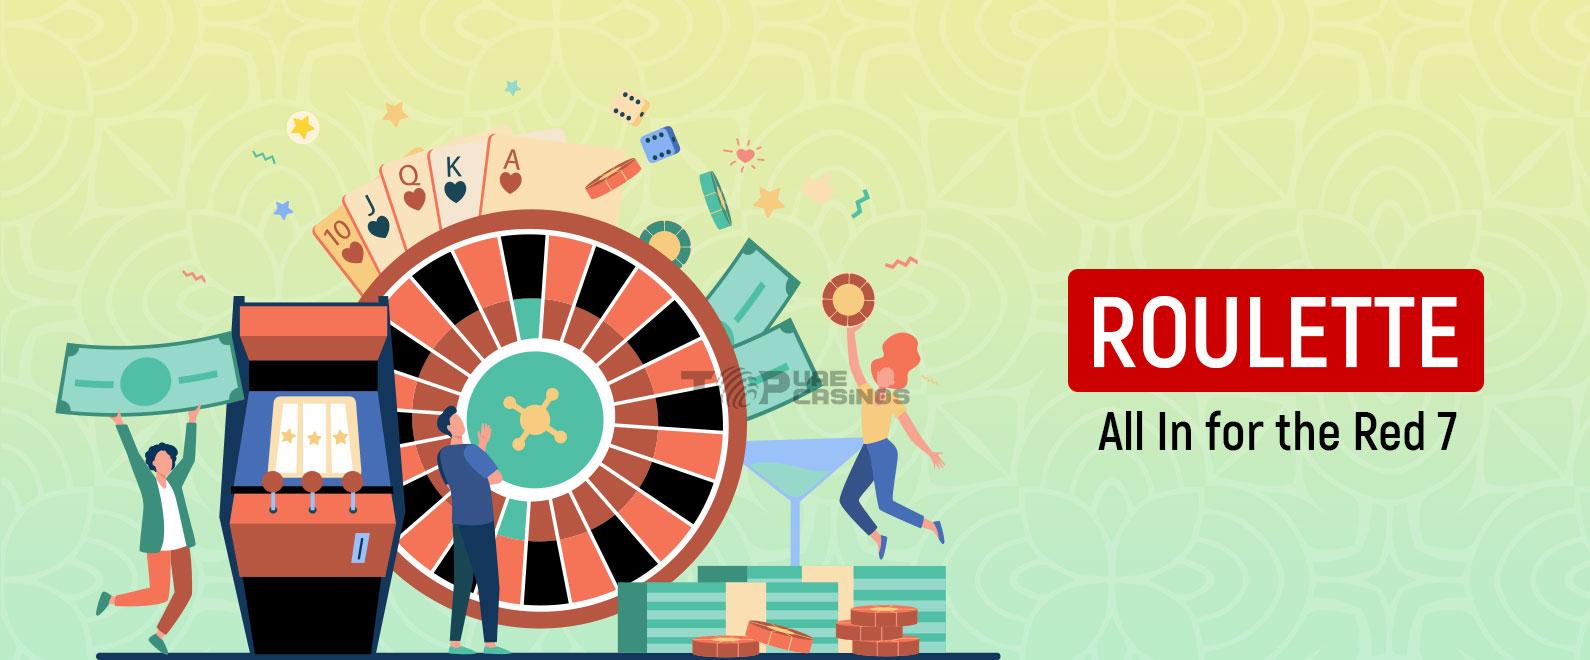 uae online casino roulette